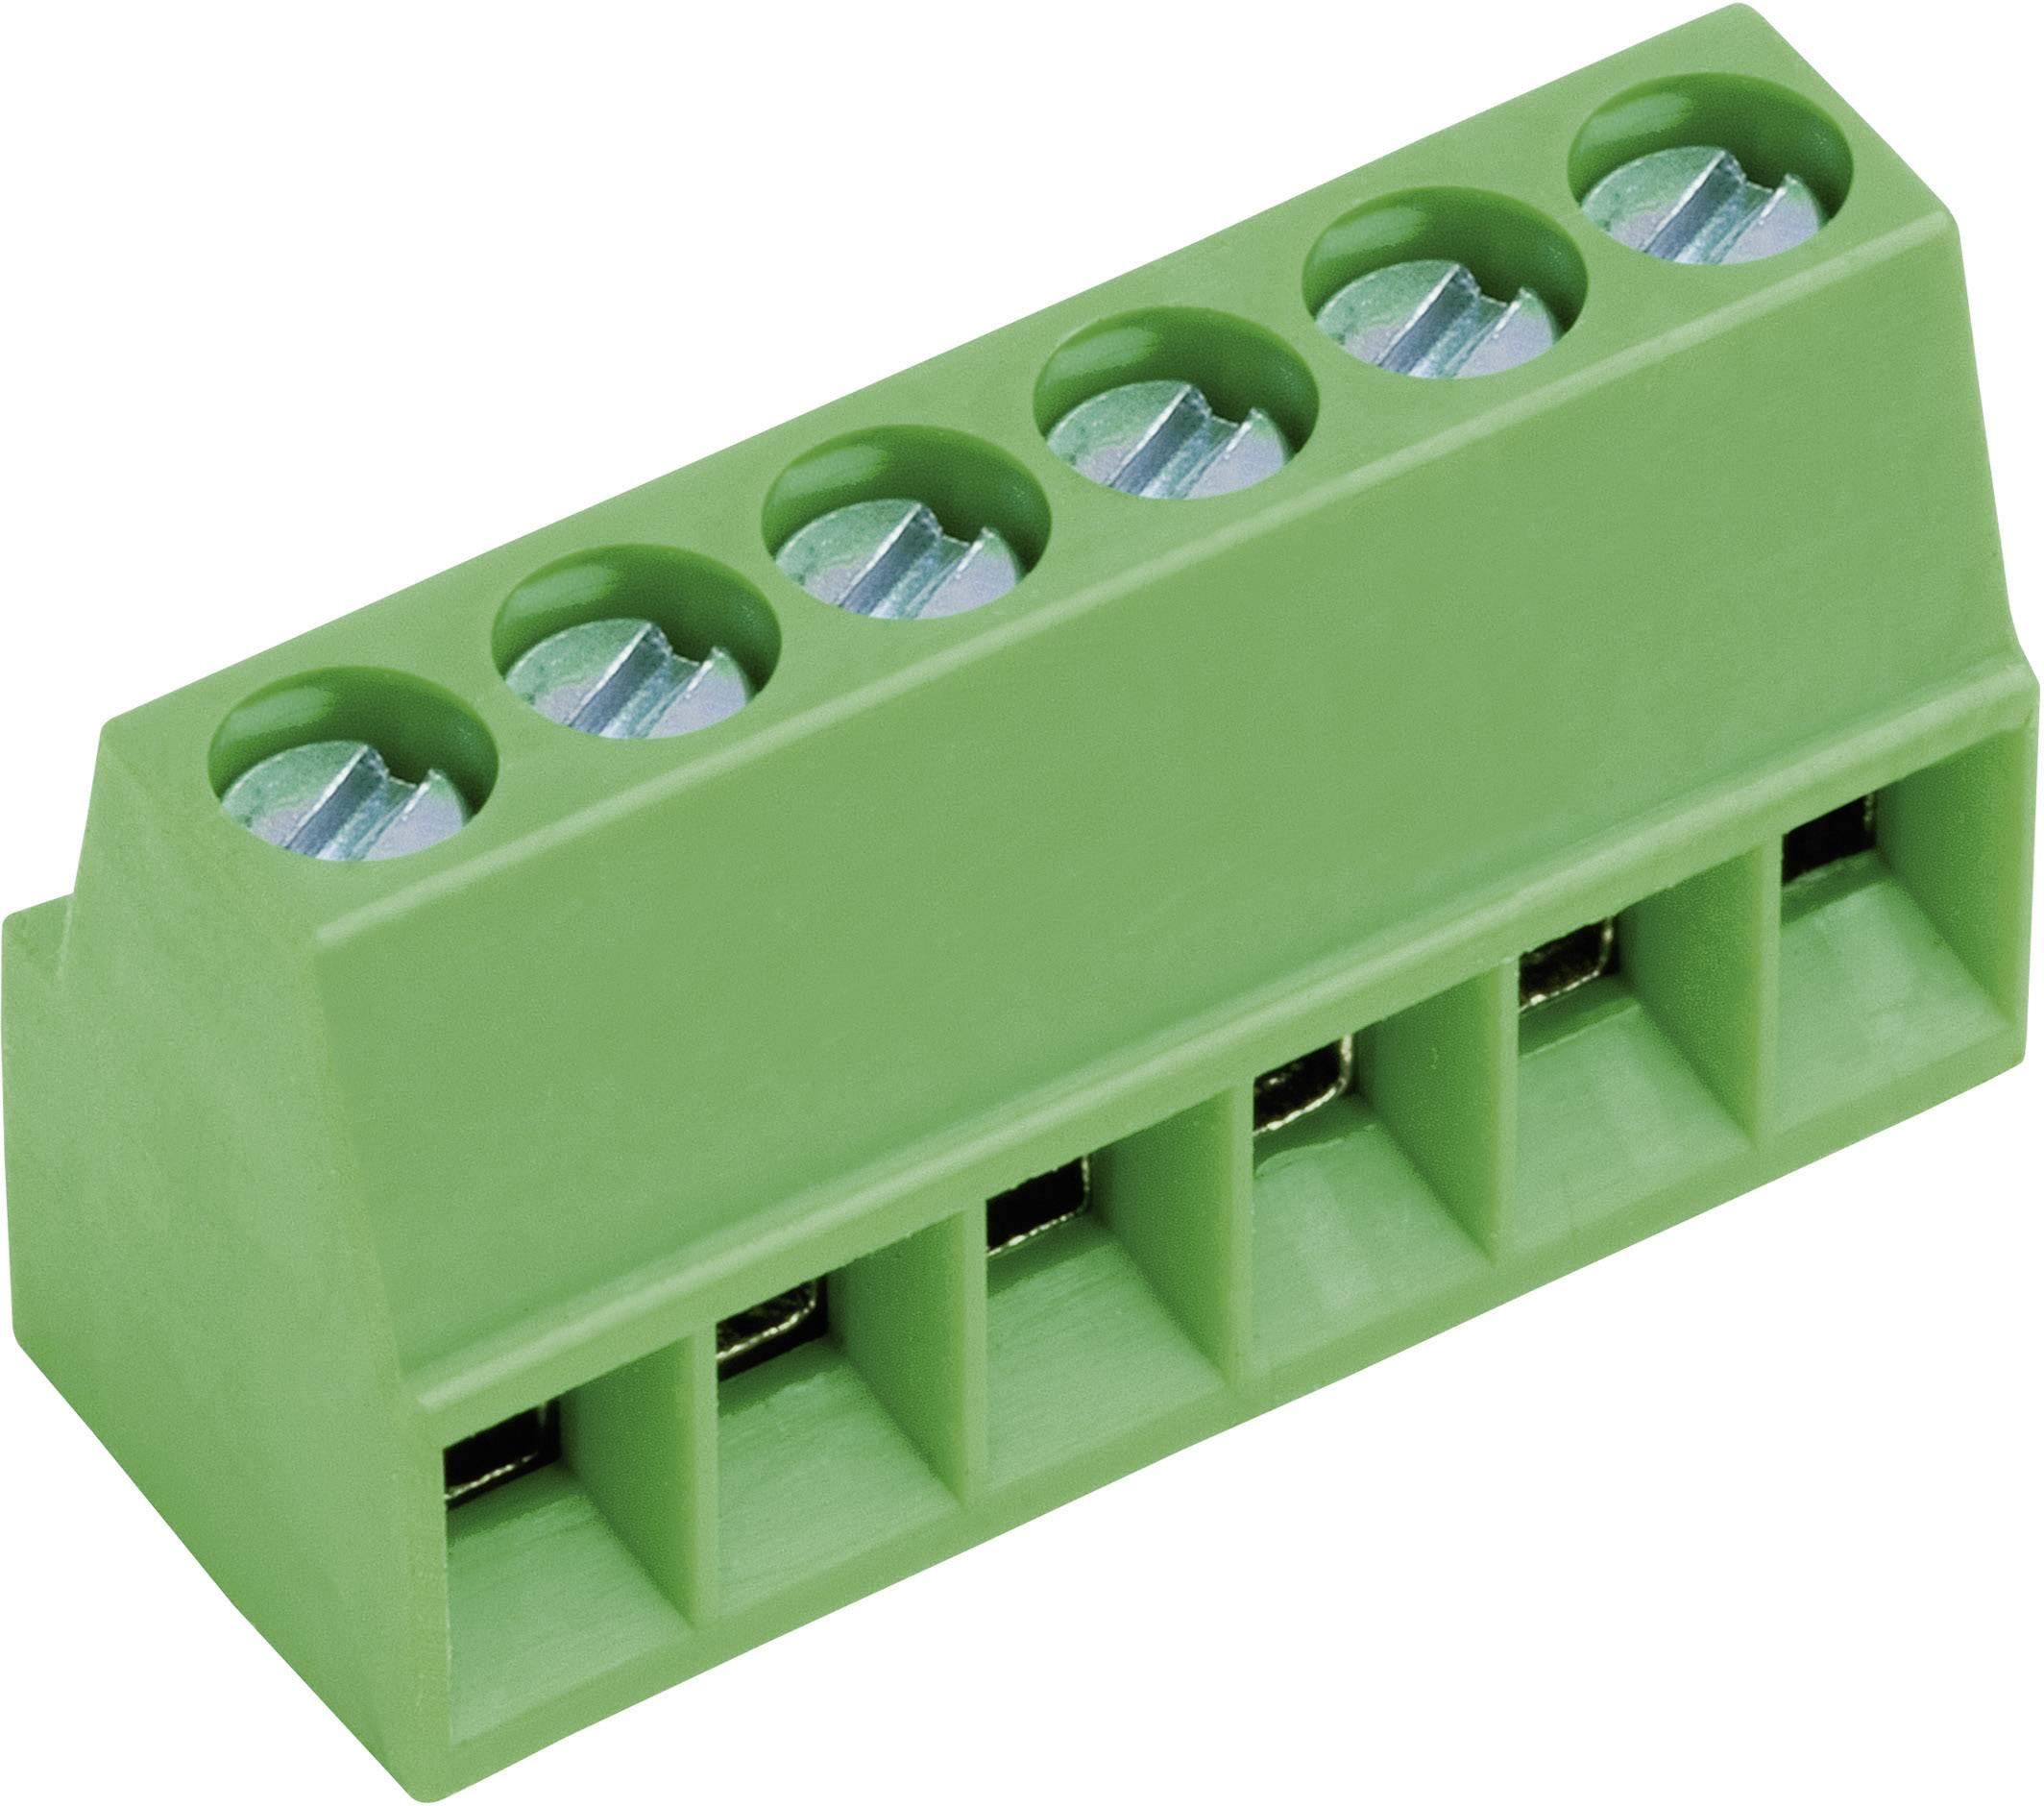 Skrutkovacia svorka PTR AKZ692/10-2.54-V-GRÜN 50692100021E, 0.75 mm², Počet pinov 10, zelená, 1 ks